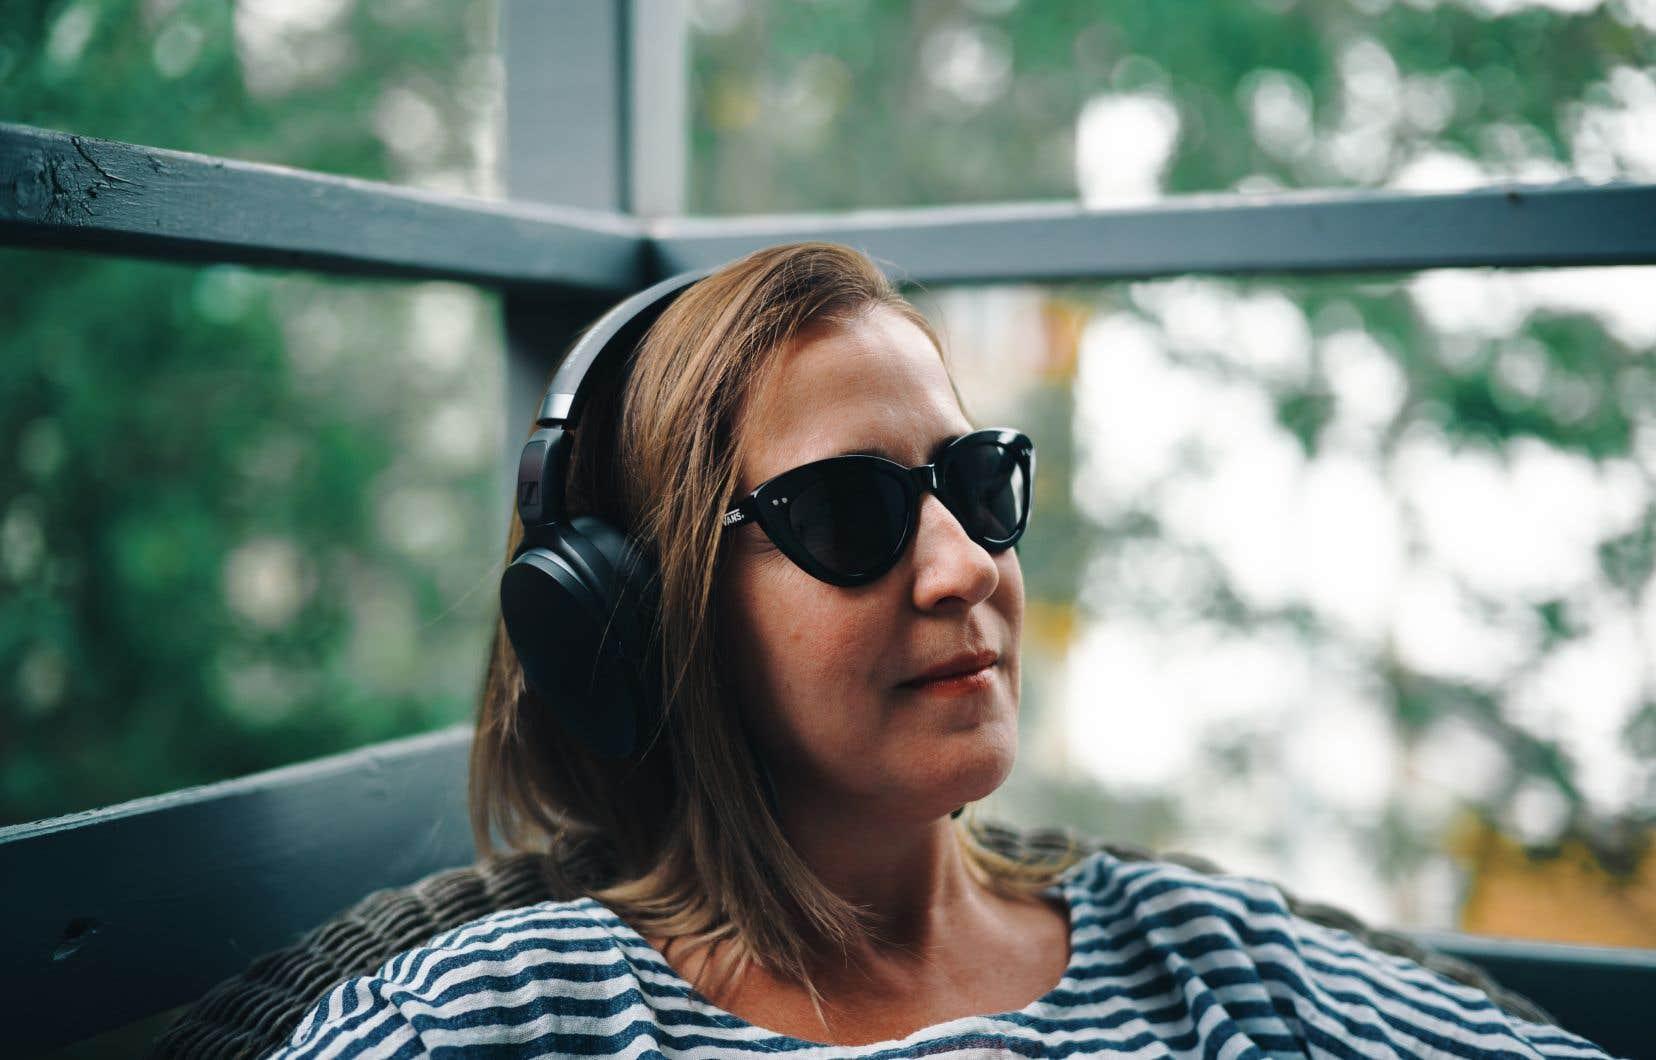 Au Canada, selon le rapport «The Canadian Podcast Listener», 21% des auditeurs de balados utilisent plus souvent Spotify, contre 23% pour Apple Podcasts/iTunes.